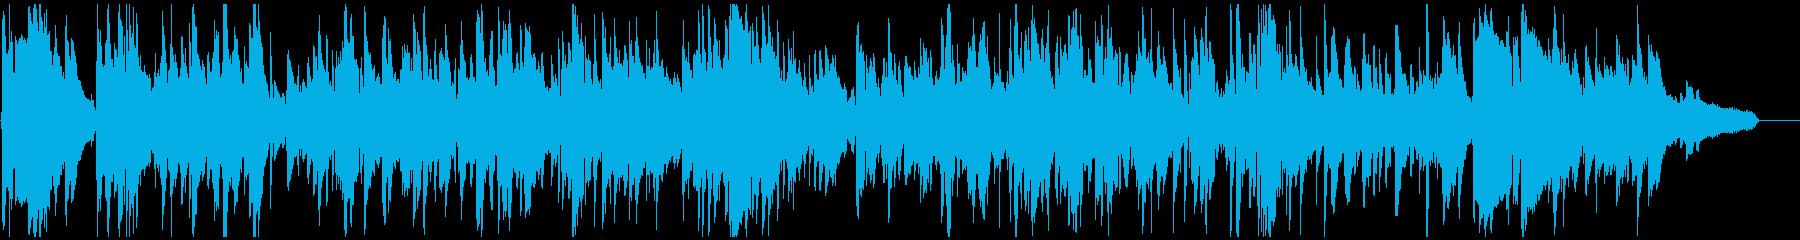 少し下品なエロい音色のセクシーサックスの再生済みの波形